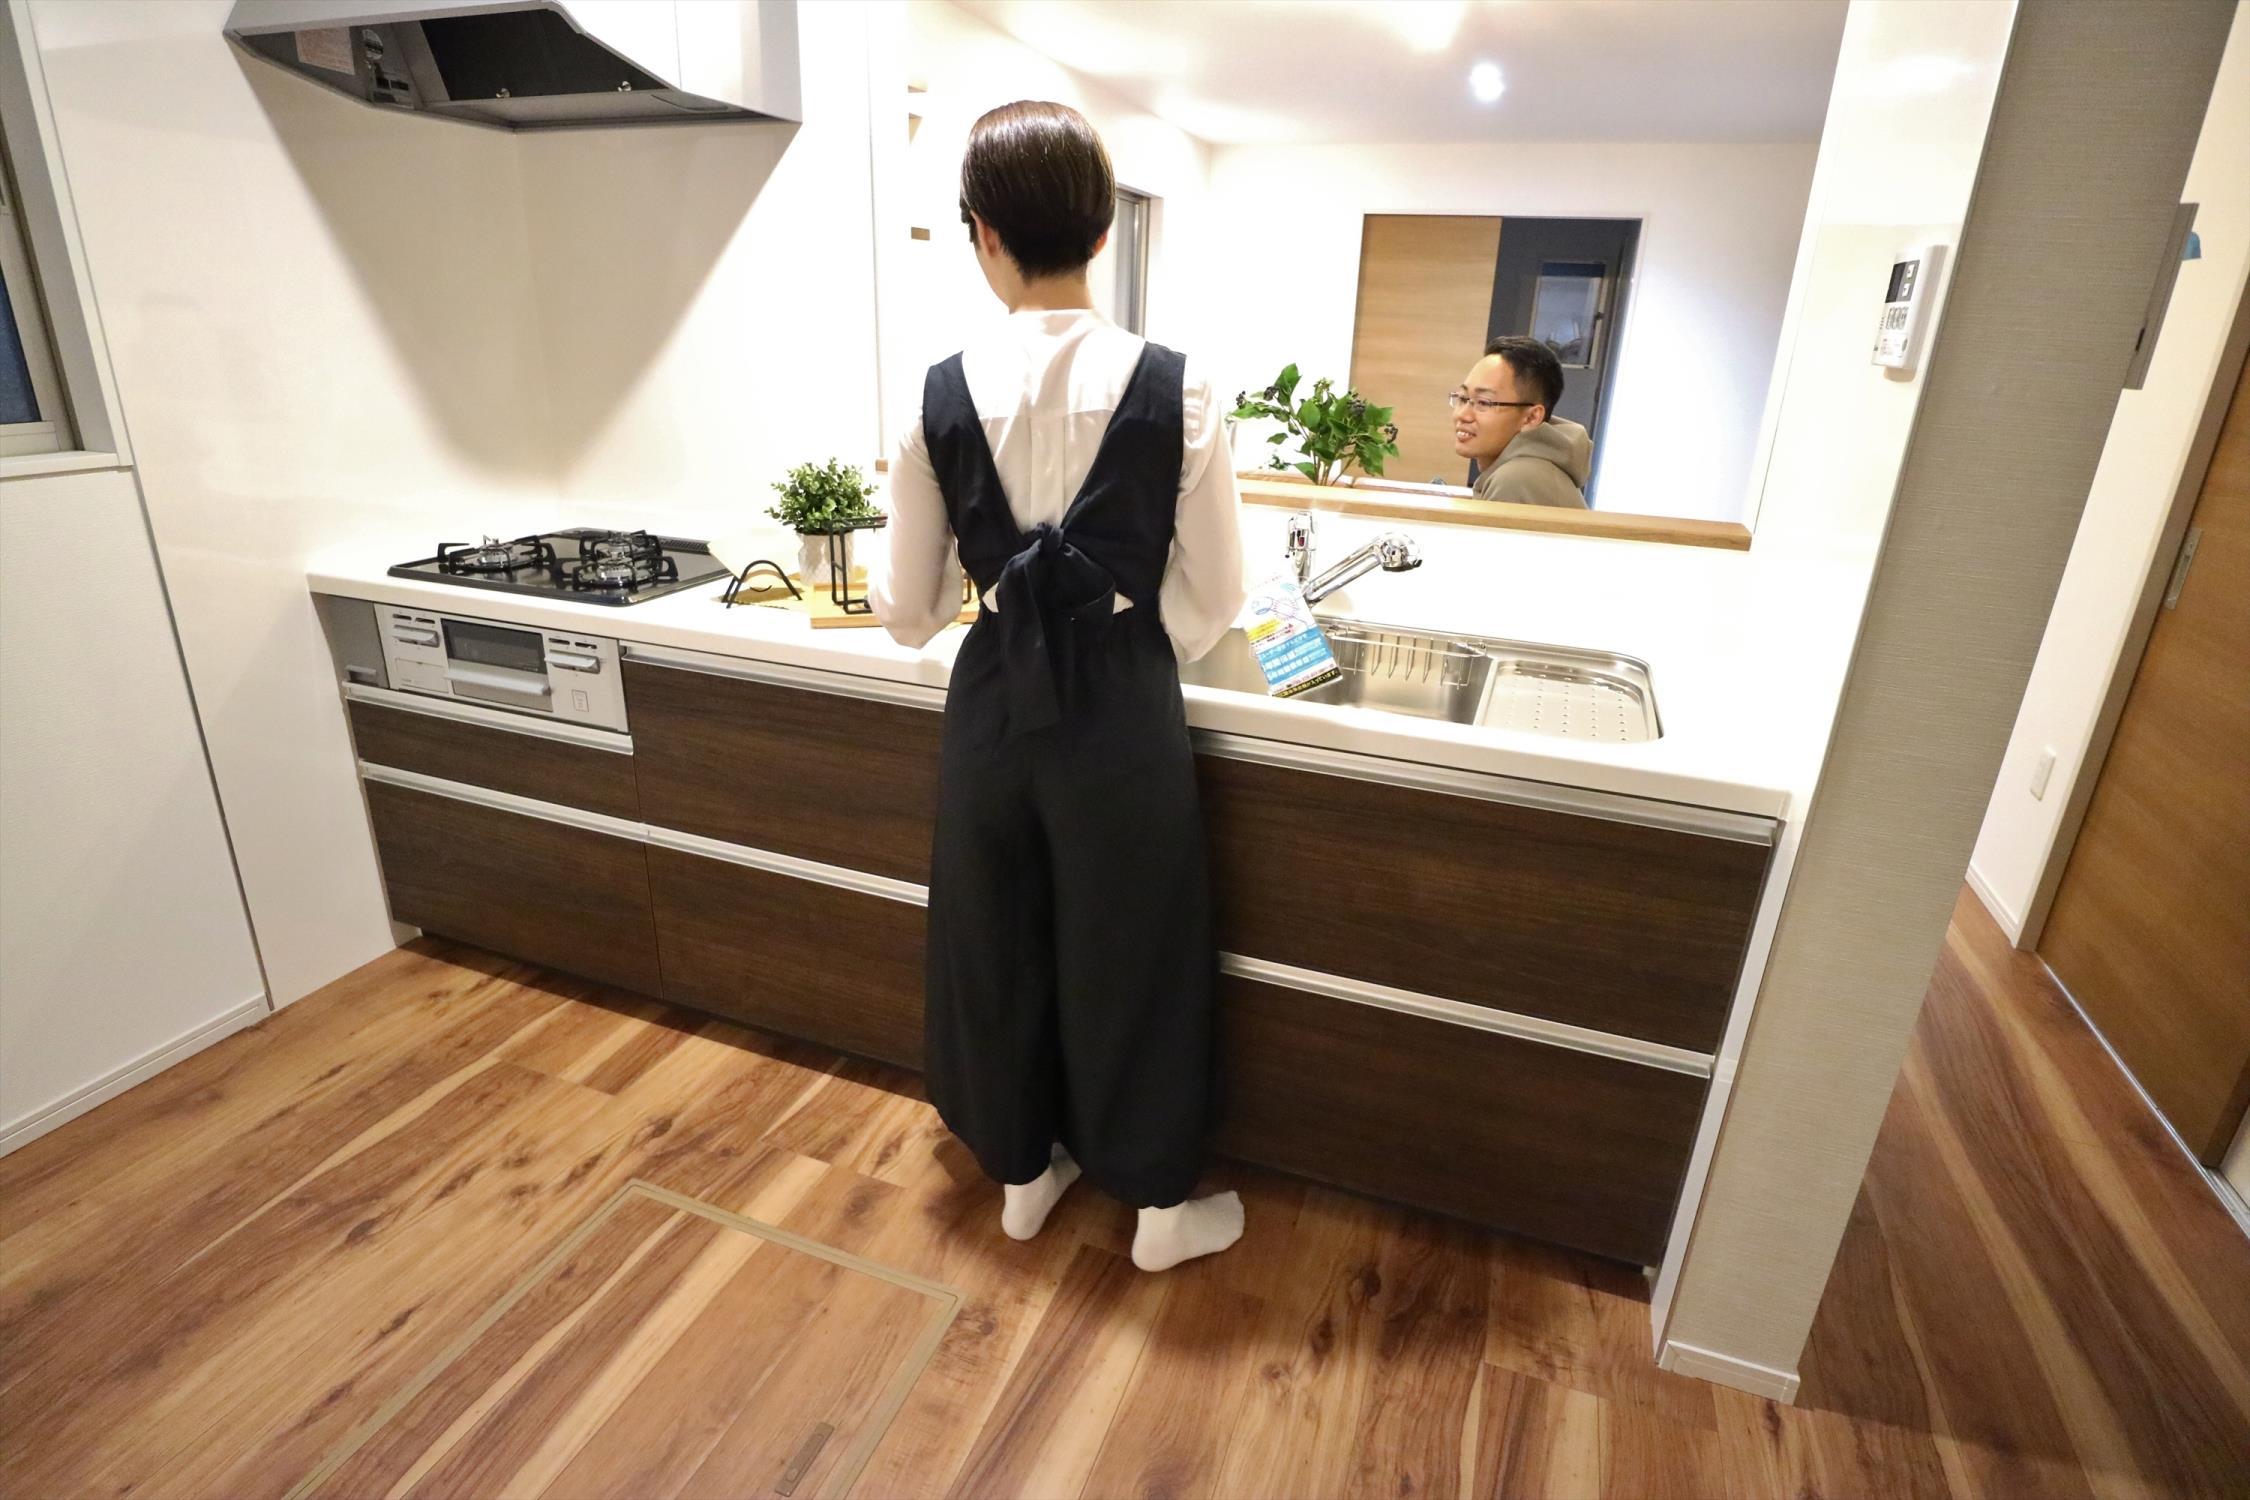 お料理ができたら「これ運んで~♪」と手渡しが出来ます。対面キッチンなのでリビングと一体感があり、広々とした空間の中で楽しく食事やお菓子作りが出来ますね♪